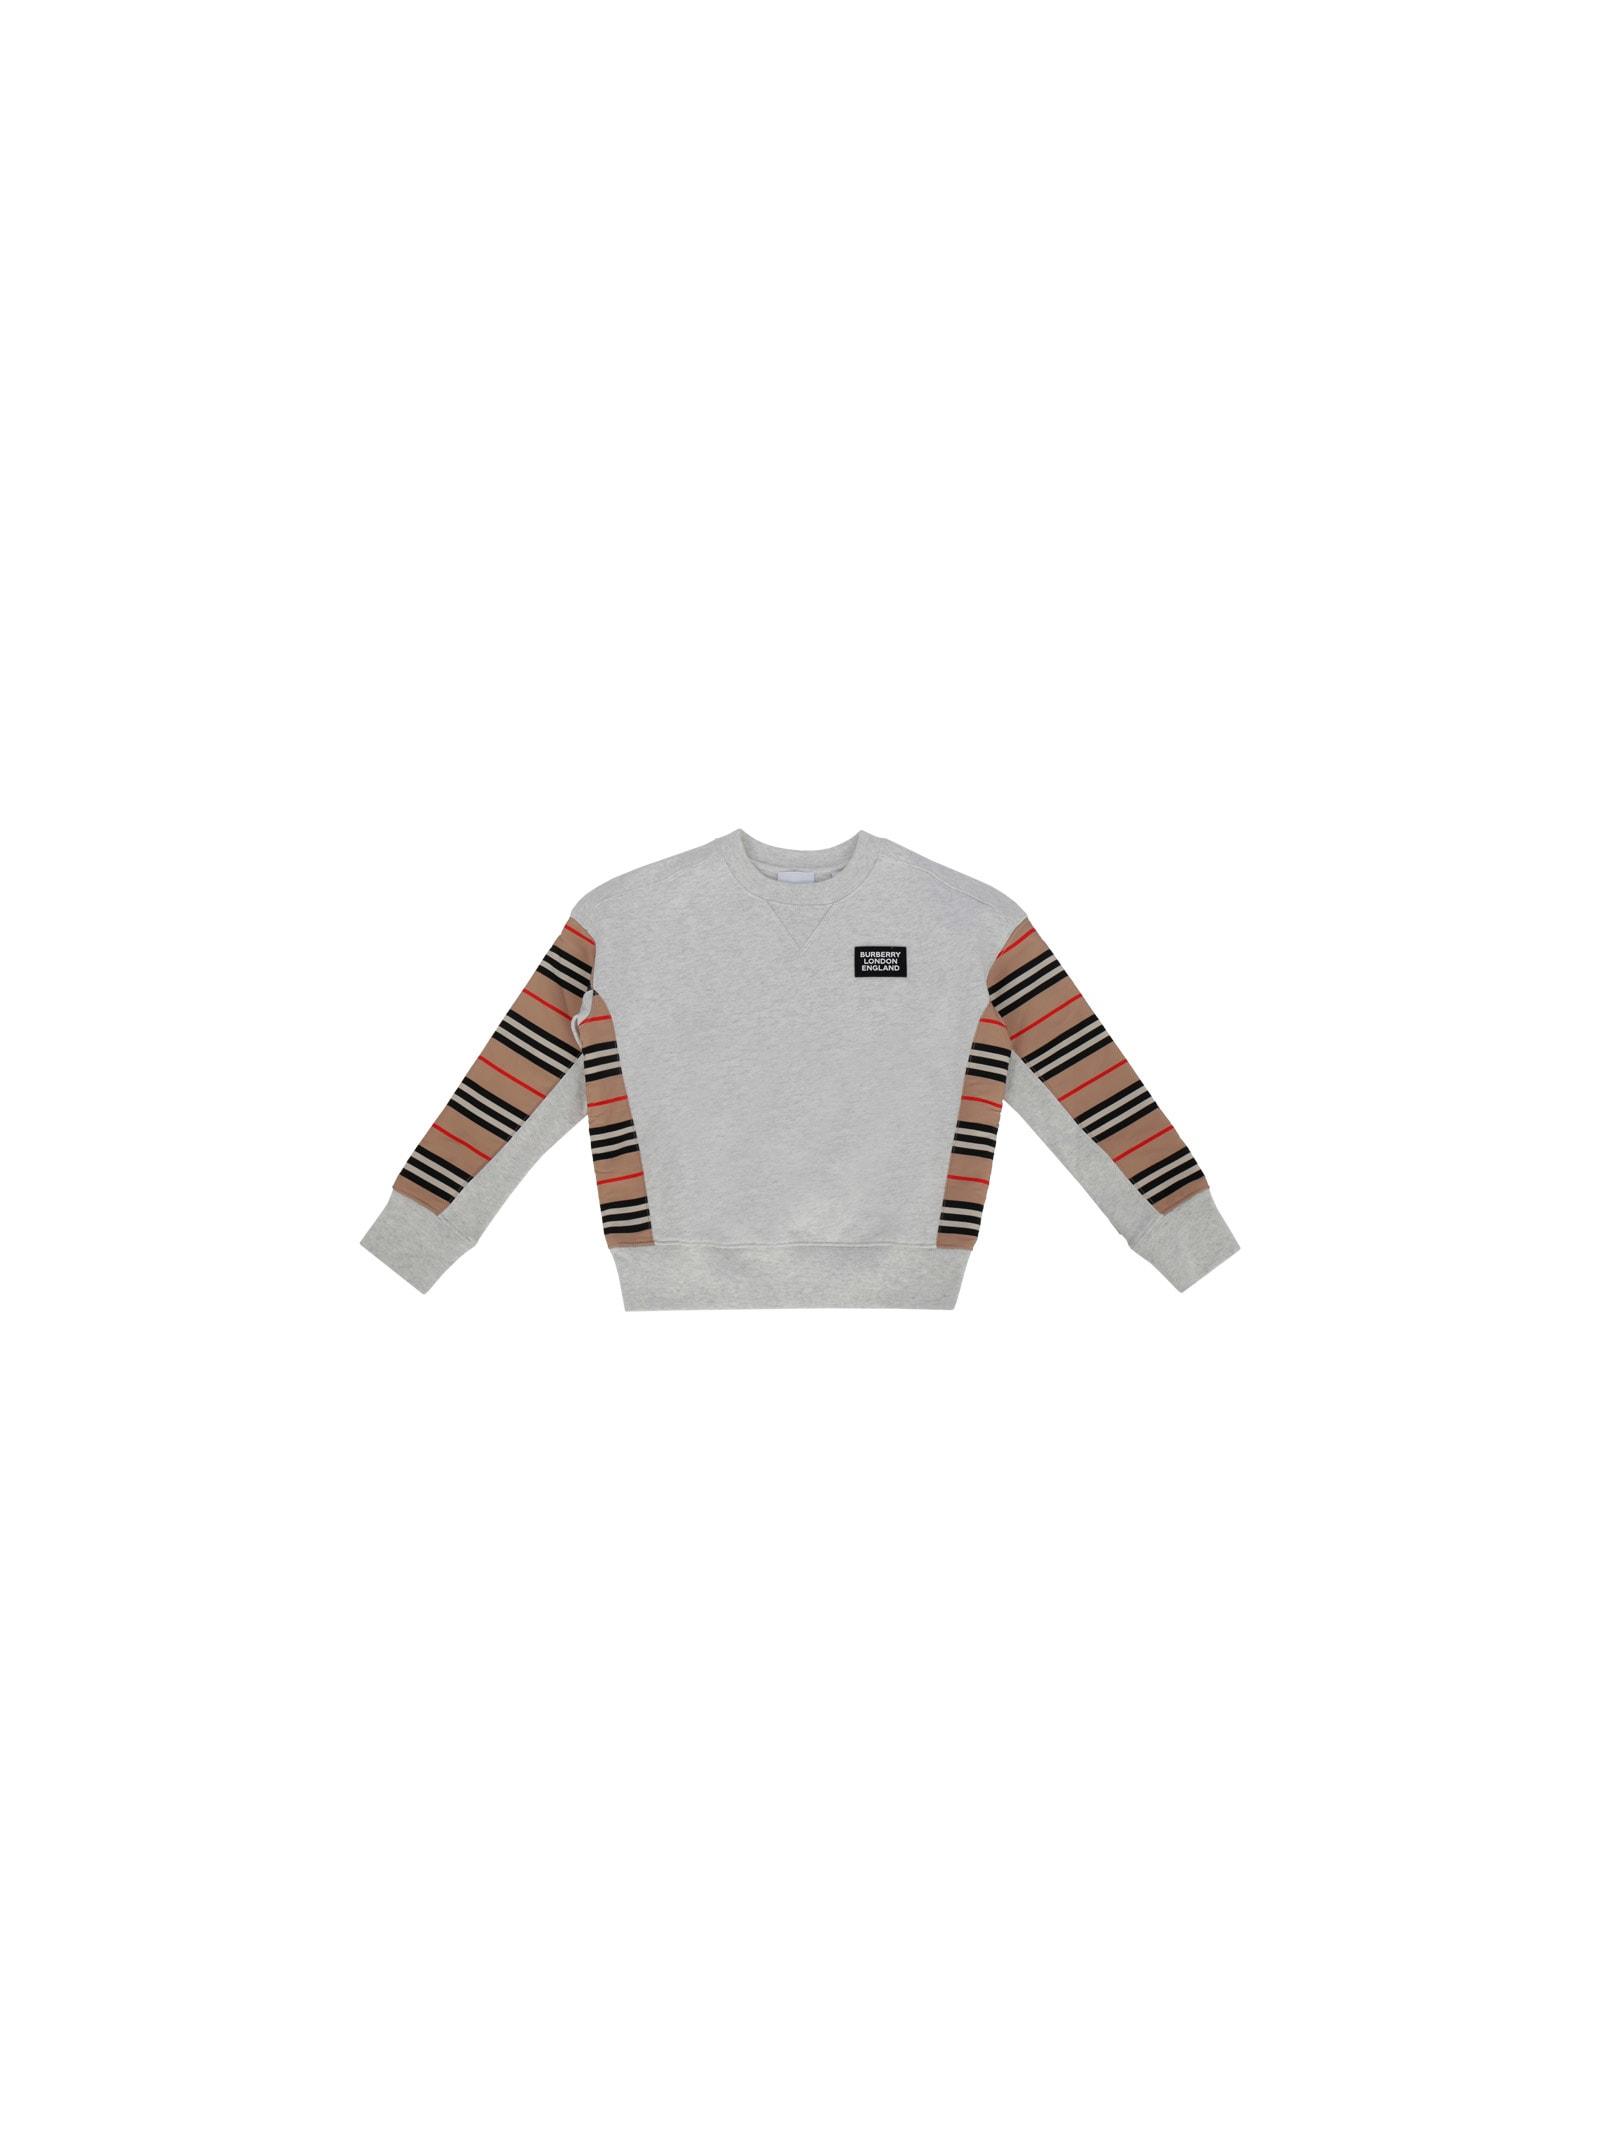 Burberry Kids Sweatshirt In White